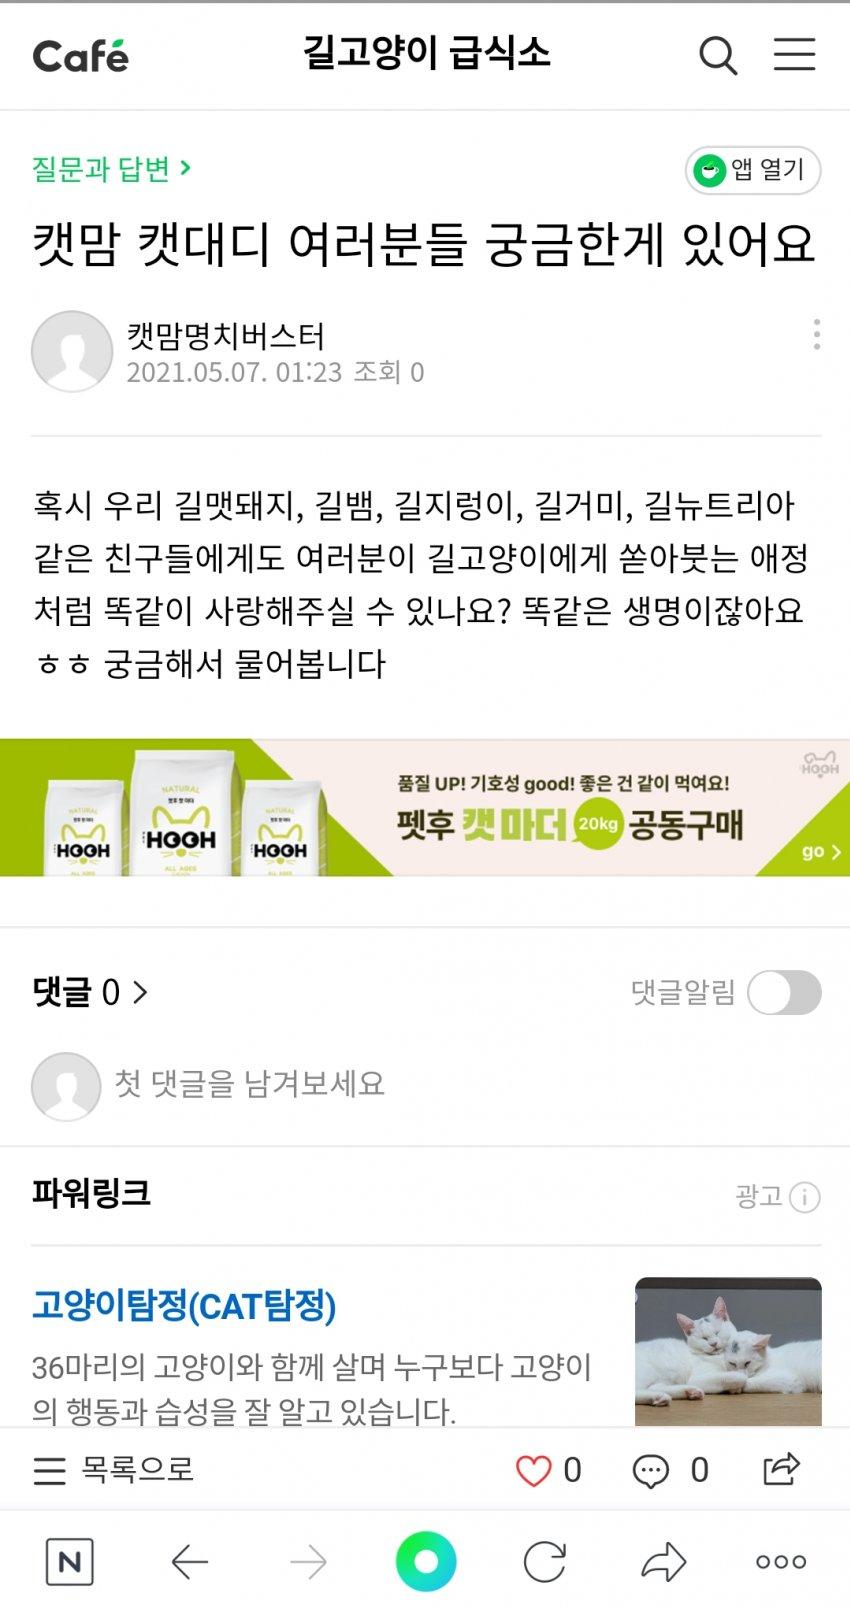 viewimage.php?id=2ebcc4&no=24b0d769e1d32ca73fec81fa11d02831b46f6c3837711f4400726d62dc66225a942cab272e0c63c373245f68f4236be40b8654630c1174338d7e0622b8c85572e791a64f55cc822902079a941e89bef3ea4d